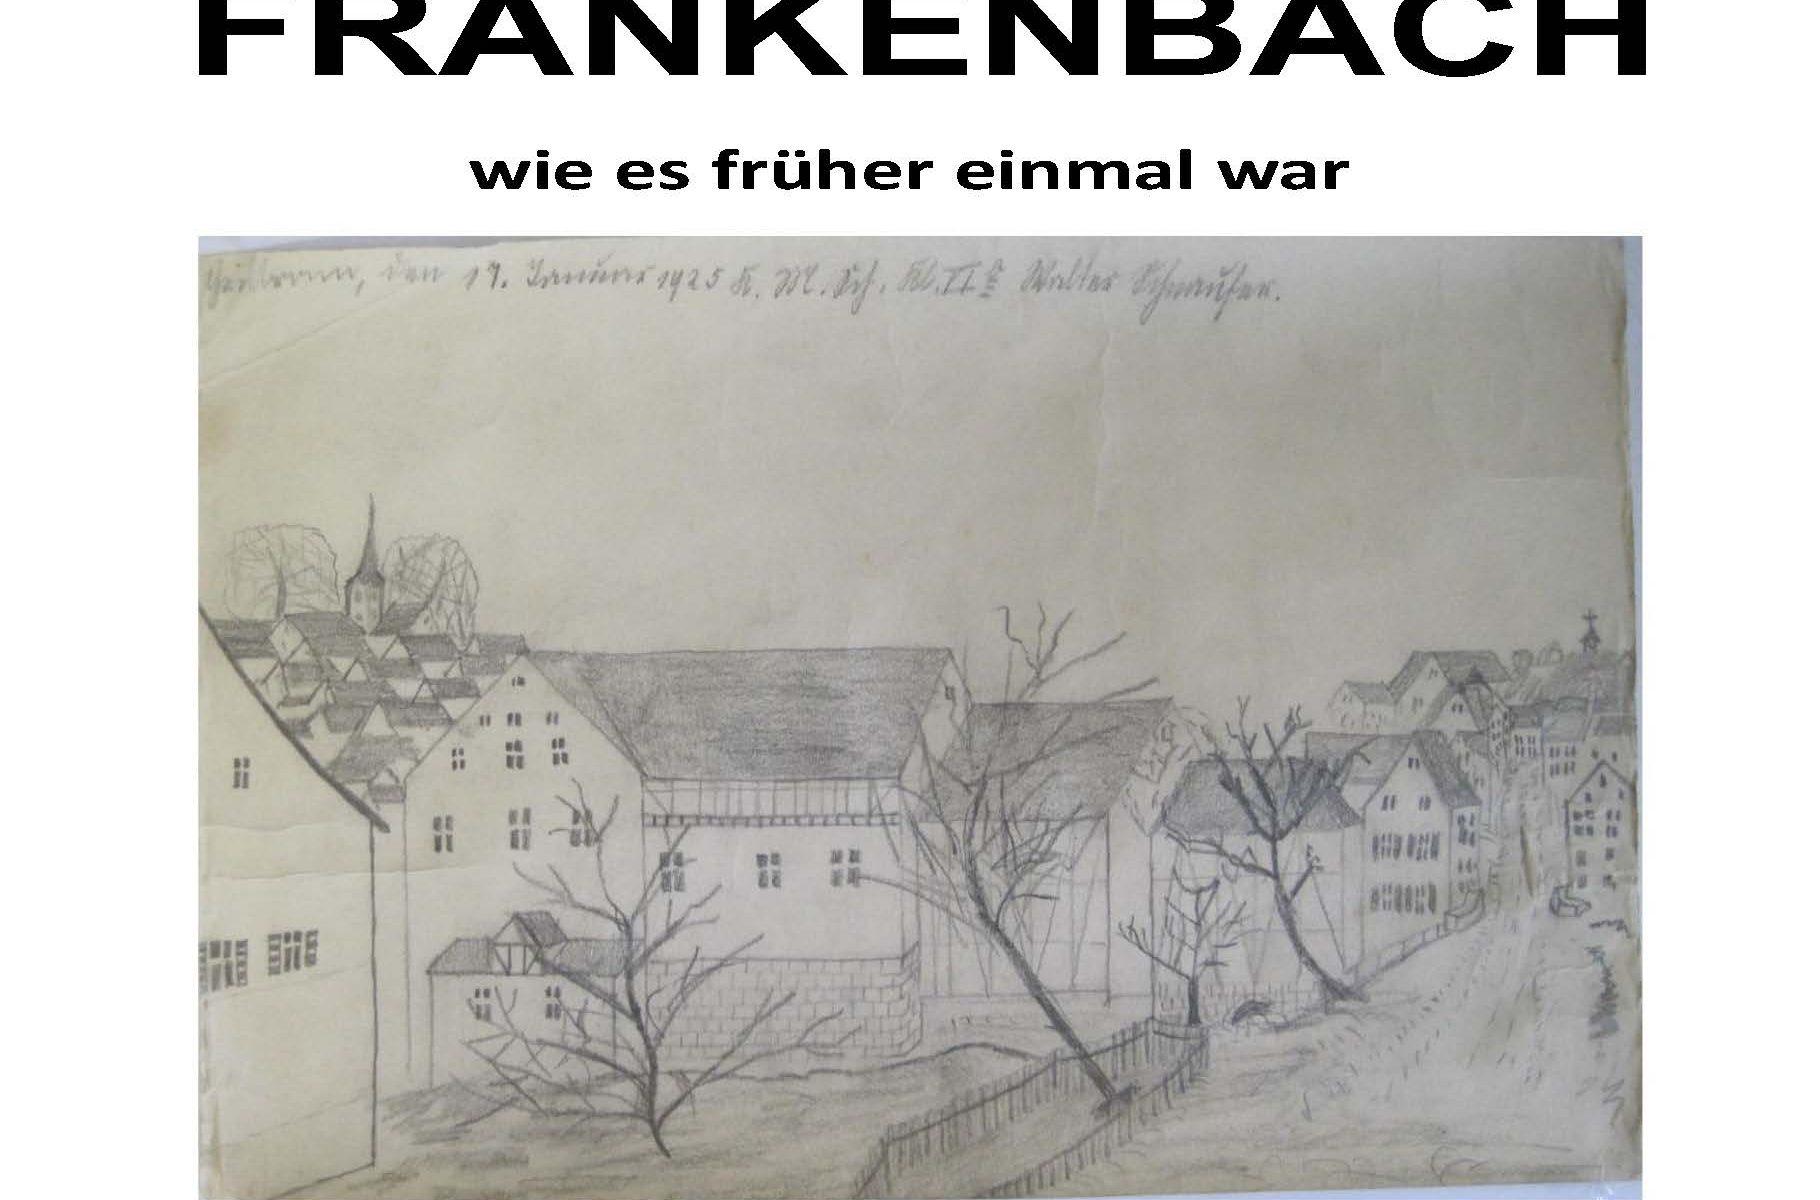 Frankenbach wie es früher einmal war